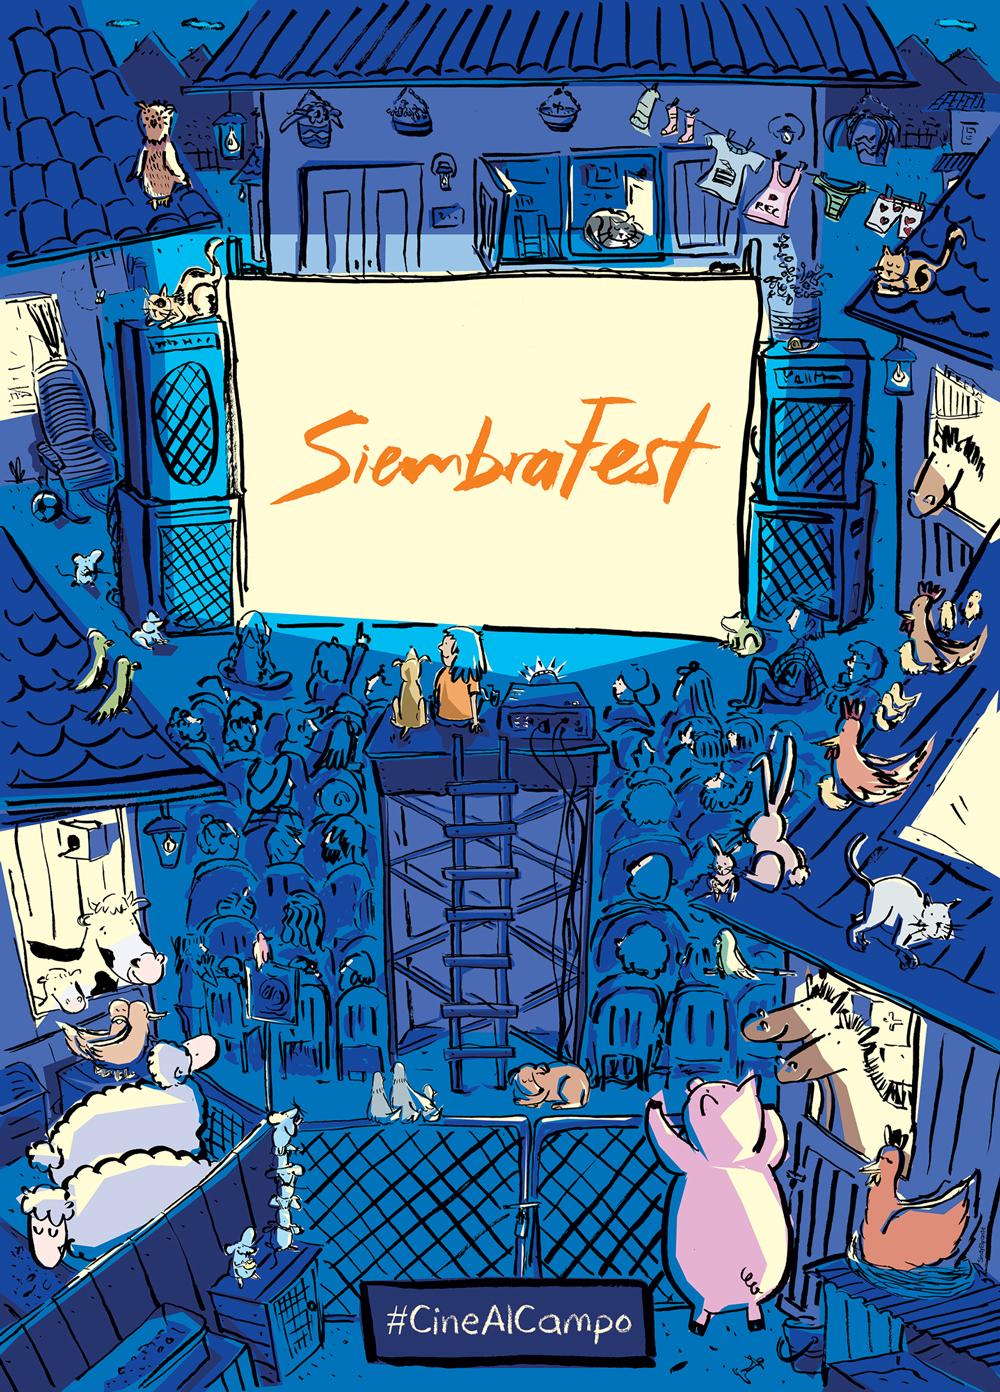 SiembraFest 2017